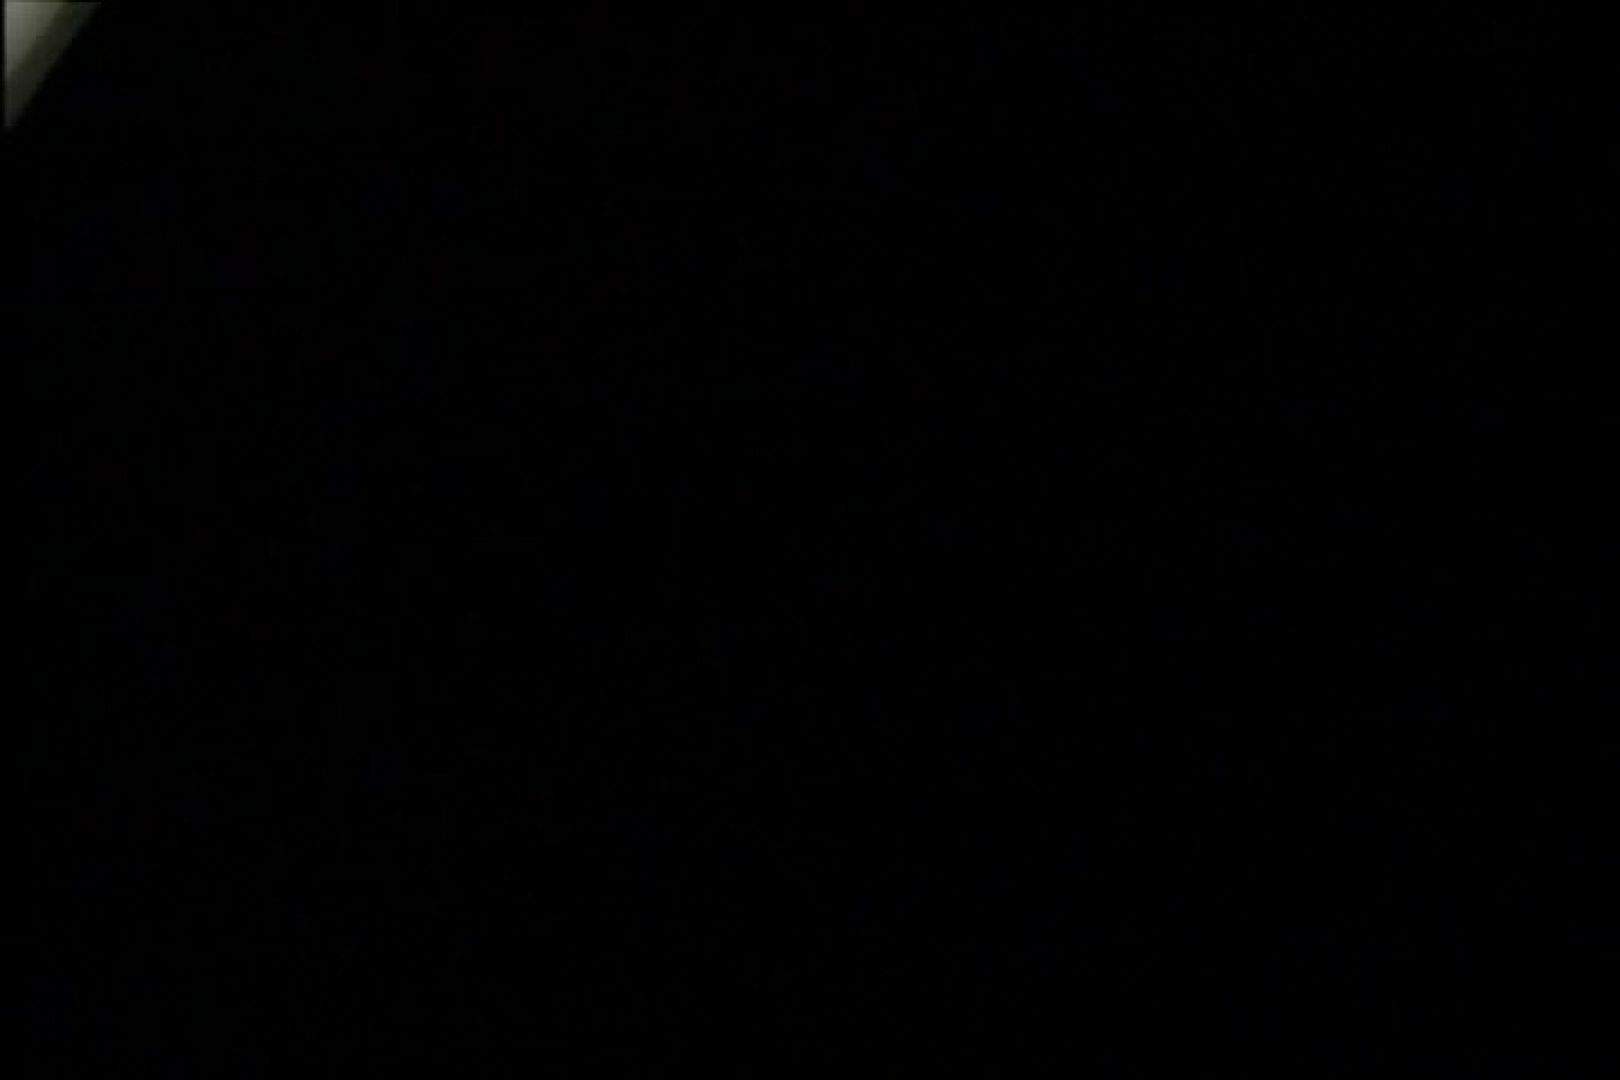 STY-013 実録!2カメde女子大生●前編 和式 覗きぱこり動画紹介 47PICs 29